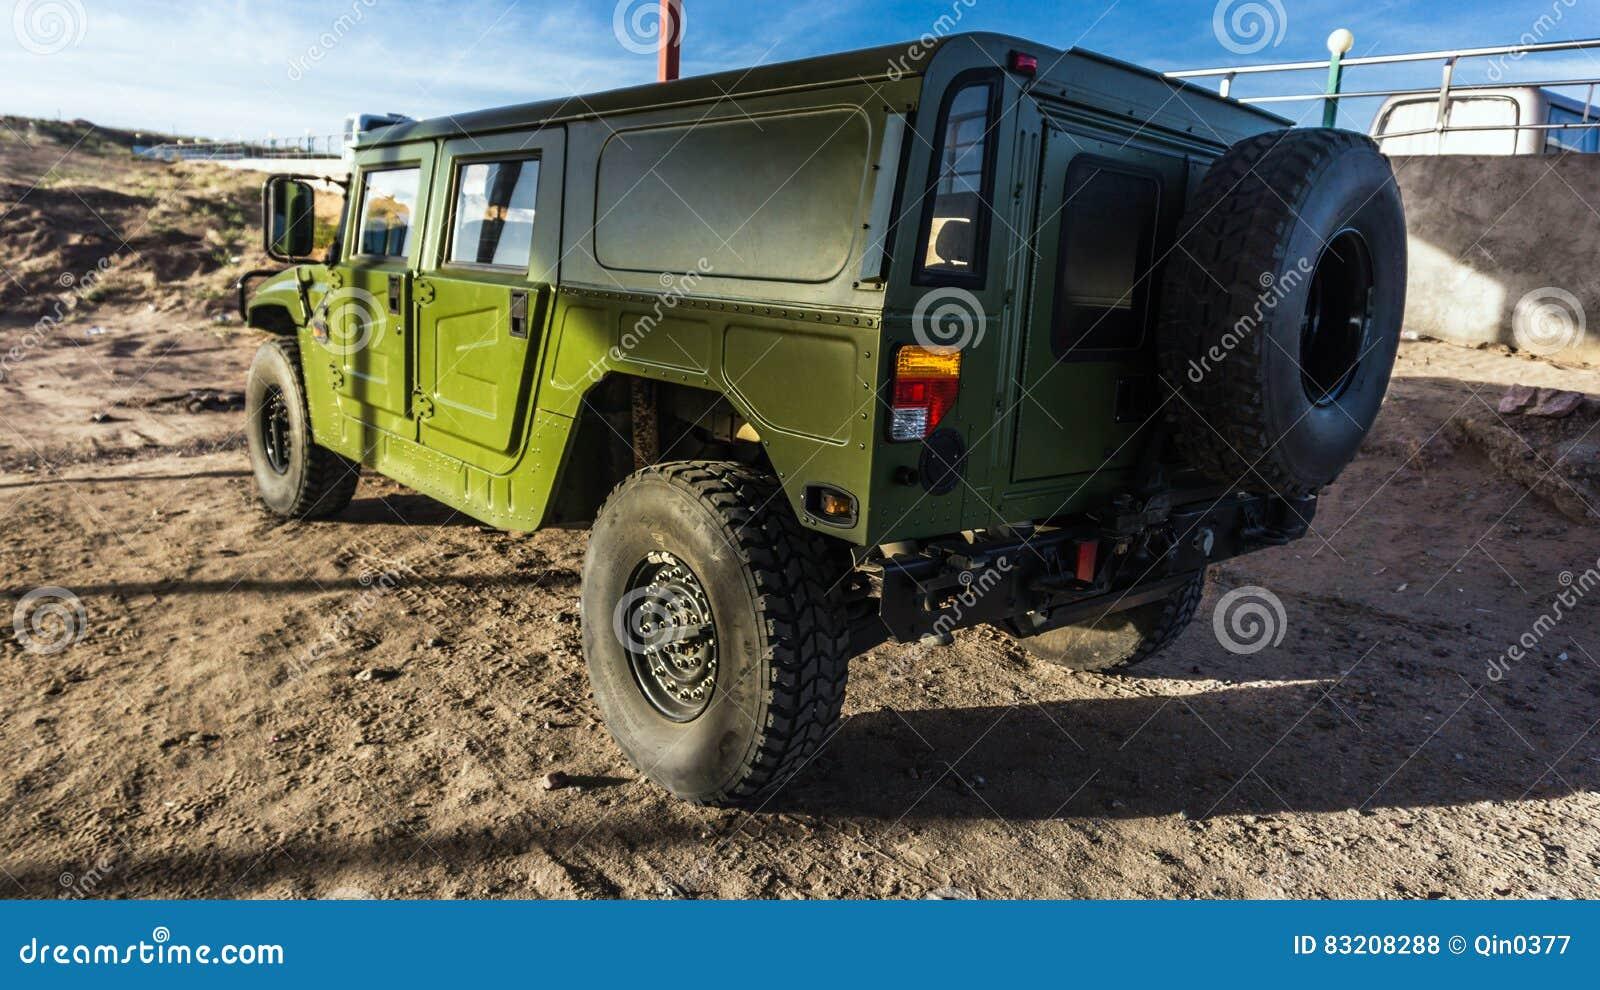 Chinese military vehicles